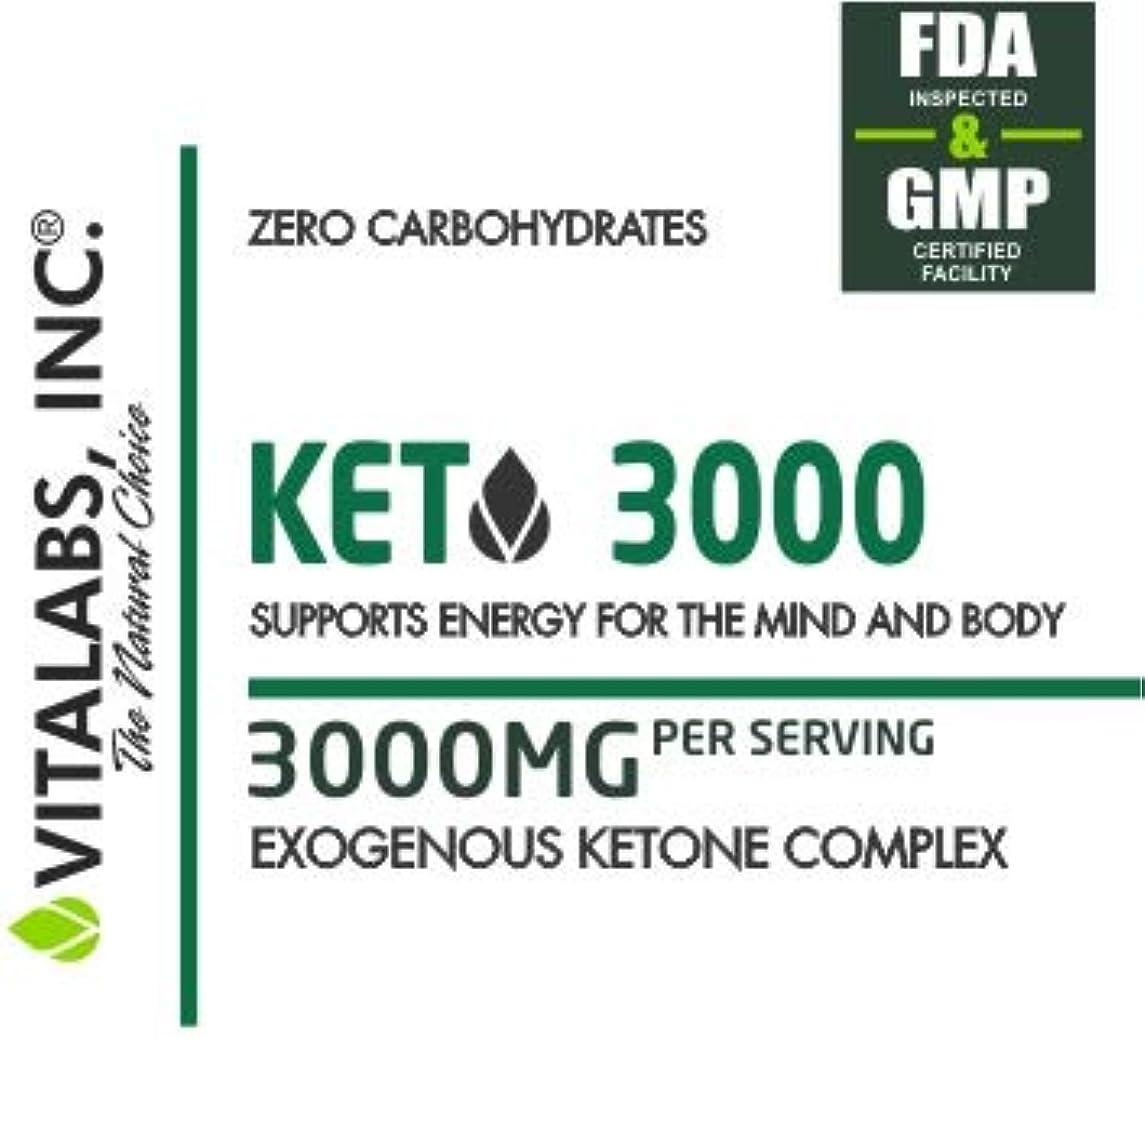 大統領復讐心臓低炭水化物状態を作る/ケトジェニックダイエットサポートサプリメント KETO 3000/ Vitalabs 【アメリカより直送】】 (240カプセル(60回分))